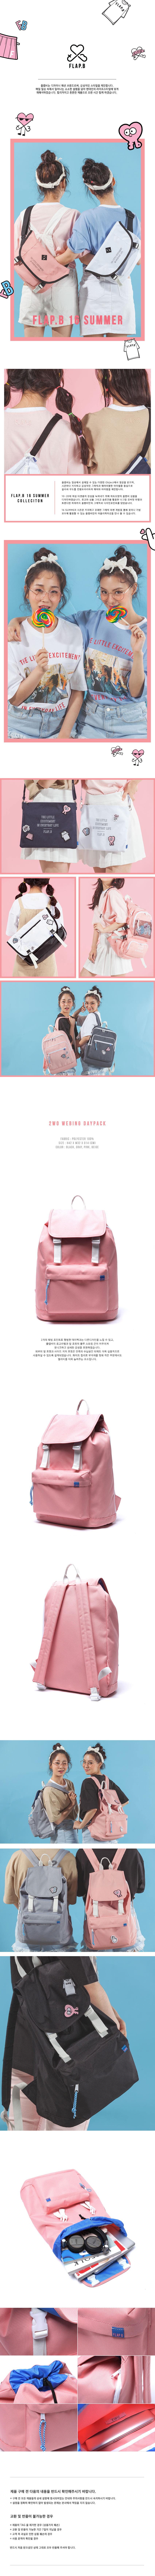 [플랩비]FLAPB - 2wo webbing backpack (PINK) 백팩 가방 데이백 스탠다드 무지백팩 신학기가방